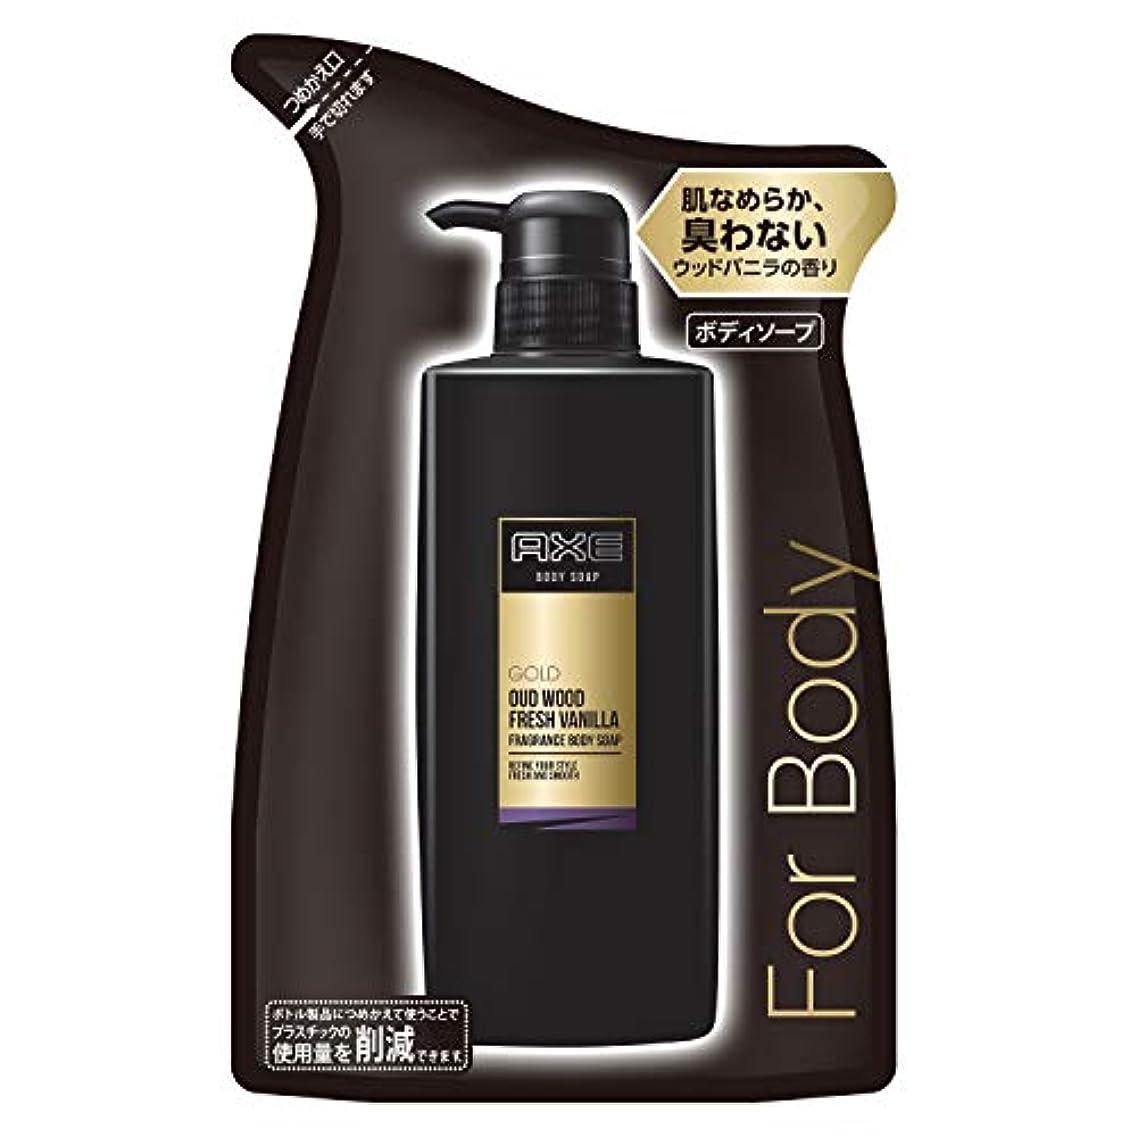 アックス ゴールド 男性用 フレグランス ボディソープ つめかえ用 (ウッドバニラの香り) 400g 12個セット